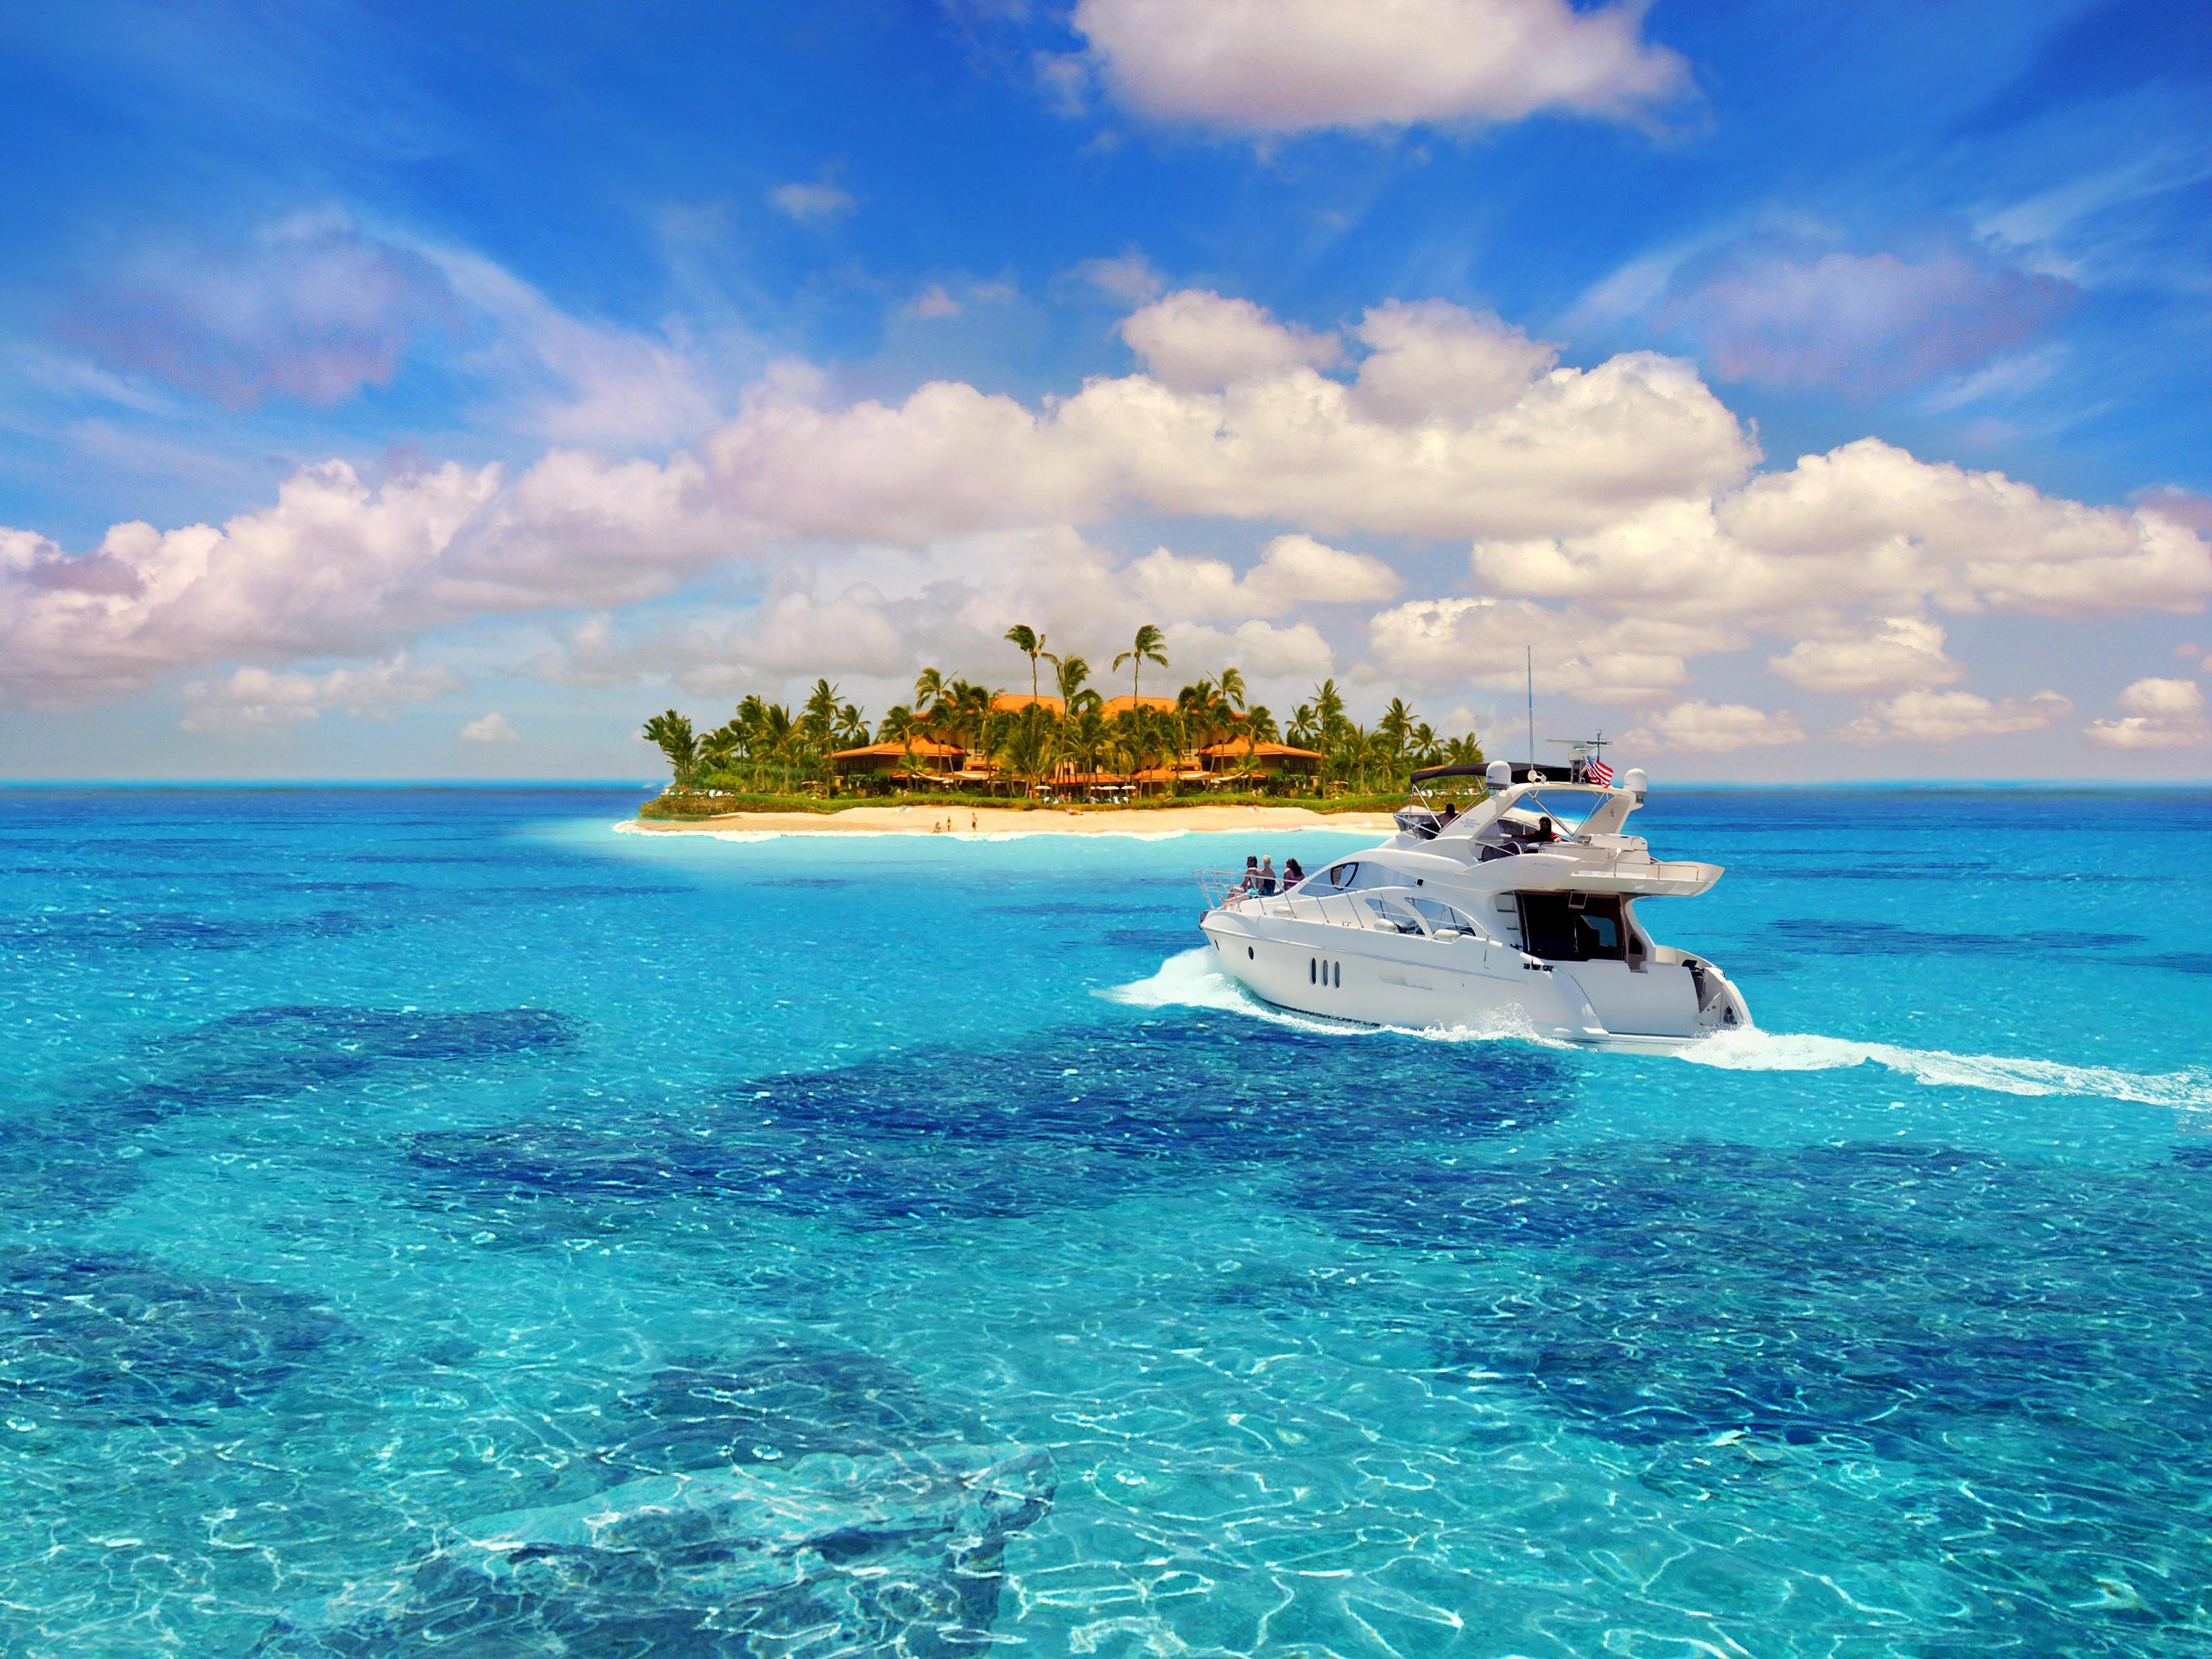 Каникулы на яхте - как арендовать яхту? 1